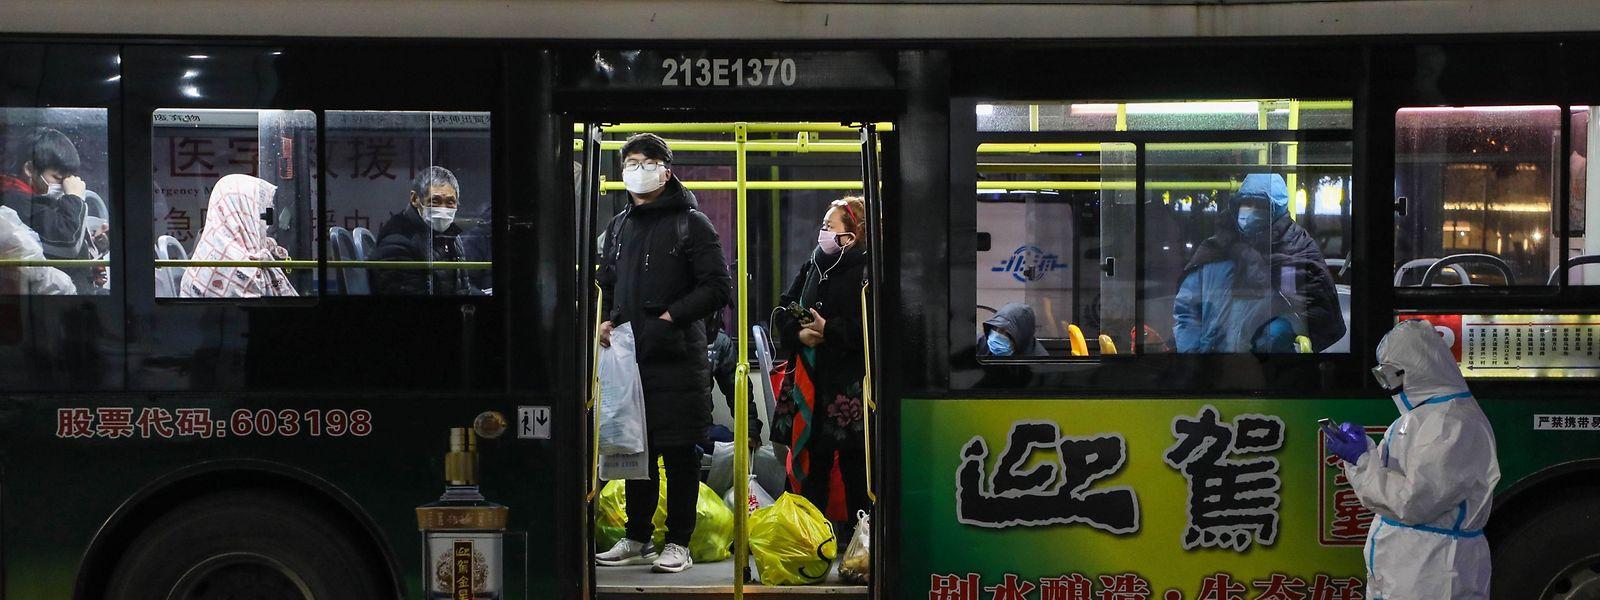 Die chinesische Region um die Stadt Wuhan ist von dem Corona-Virus besonders betroffen.